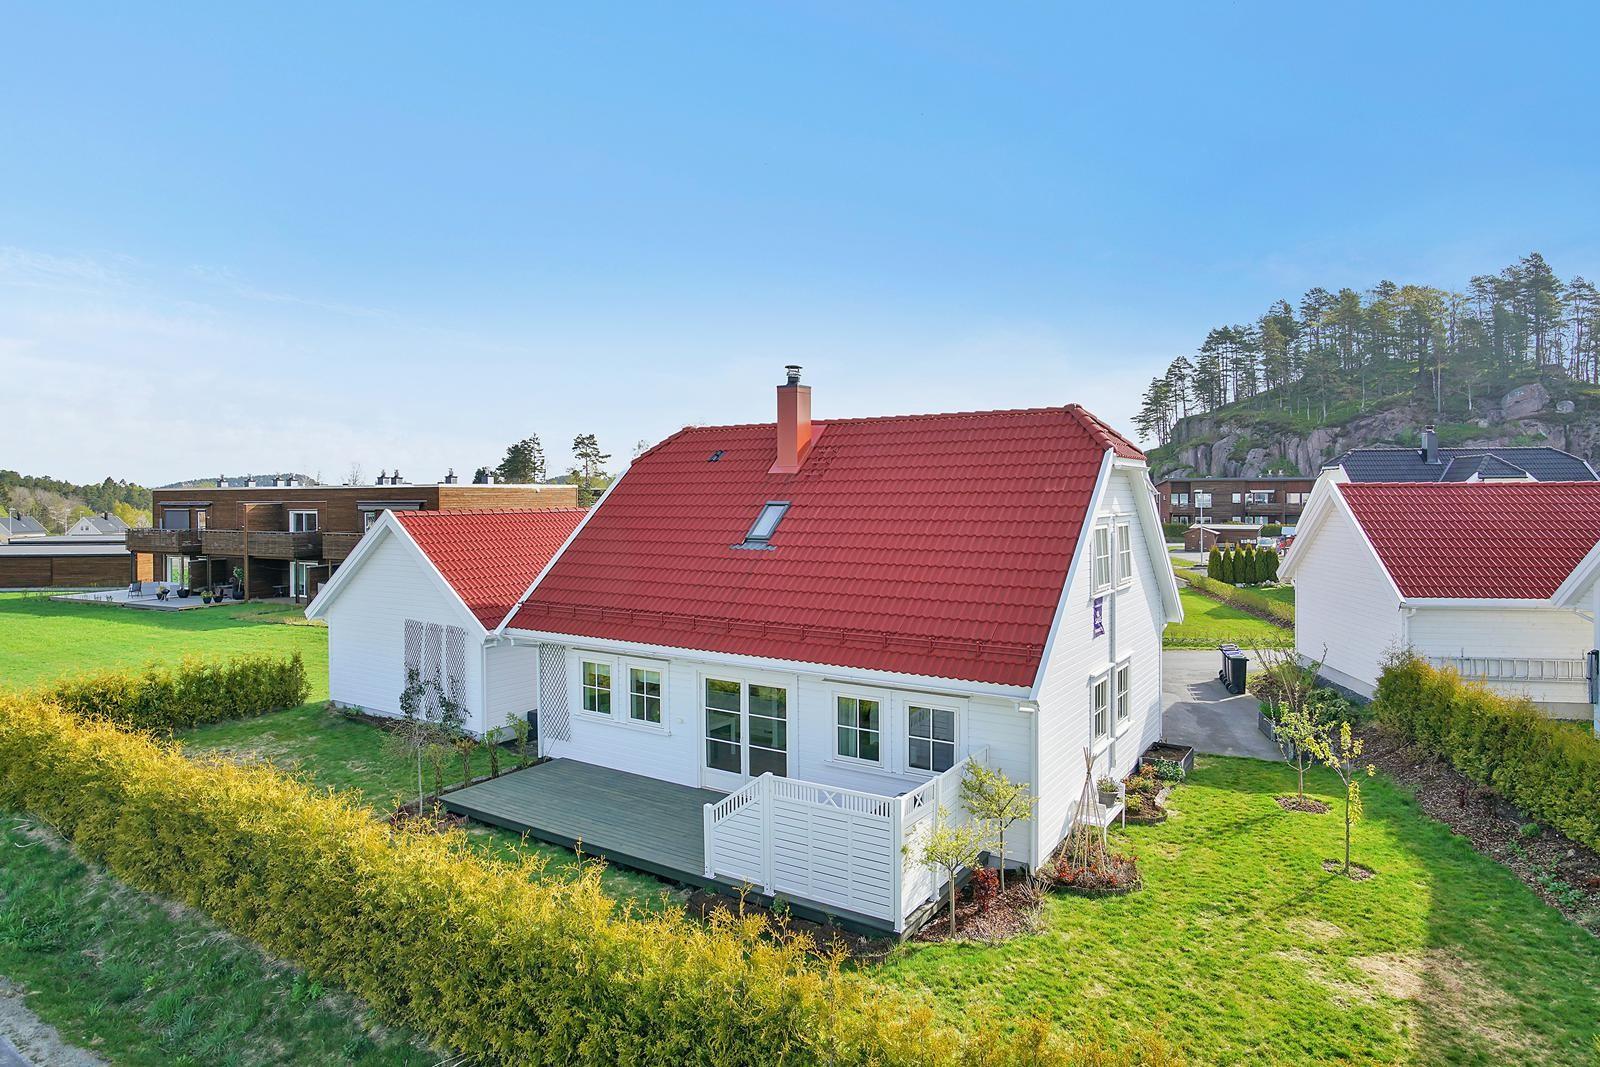 boligen-ligger-i-en-rolig-blindvei-pa-solrik-tomt-med-beplantet-hage